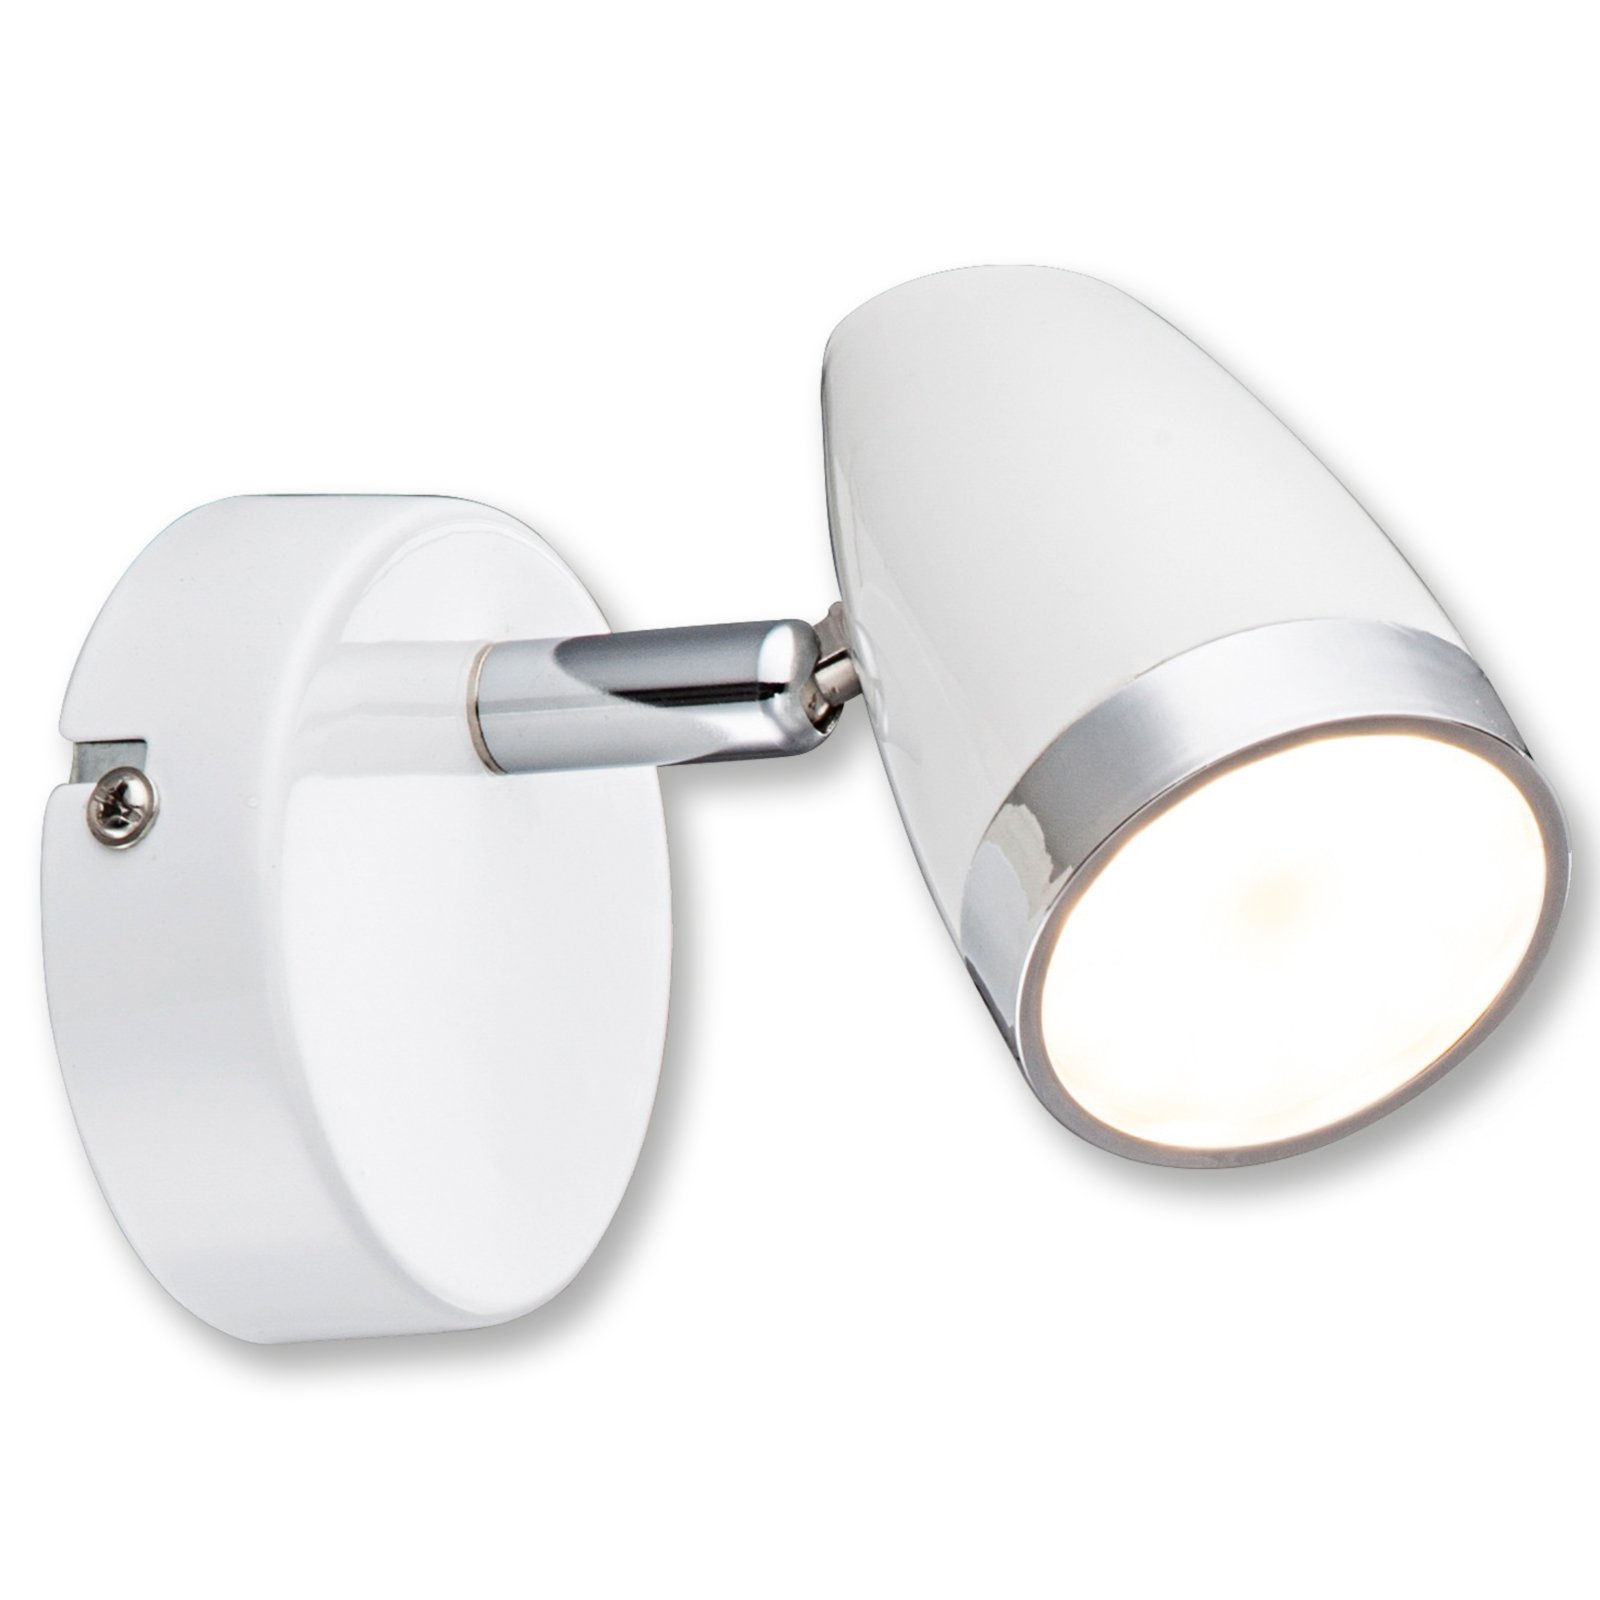 wandlampe mit schalter schukosteckdose mit schalter preisvergleich die besten glas wandlampe. Black Bedroom Furniture Sets. Home Design Ideas